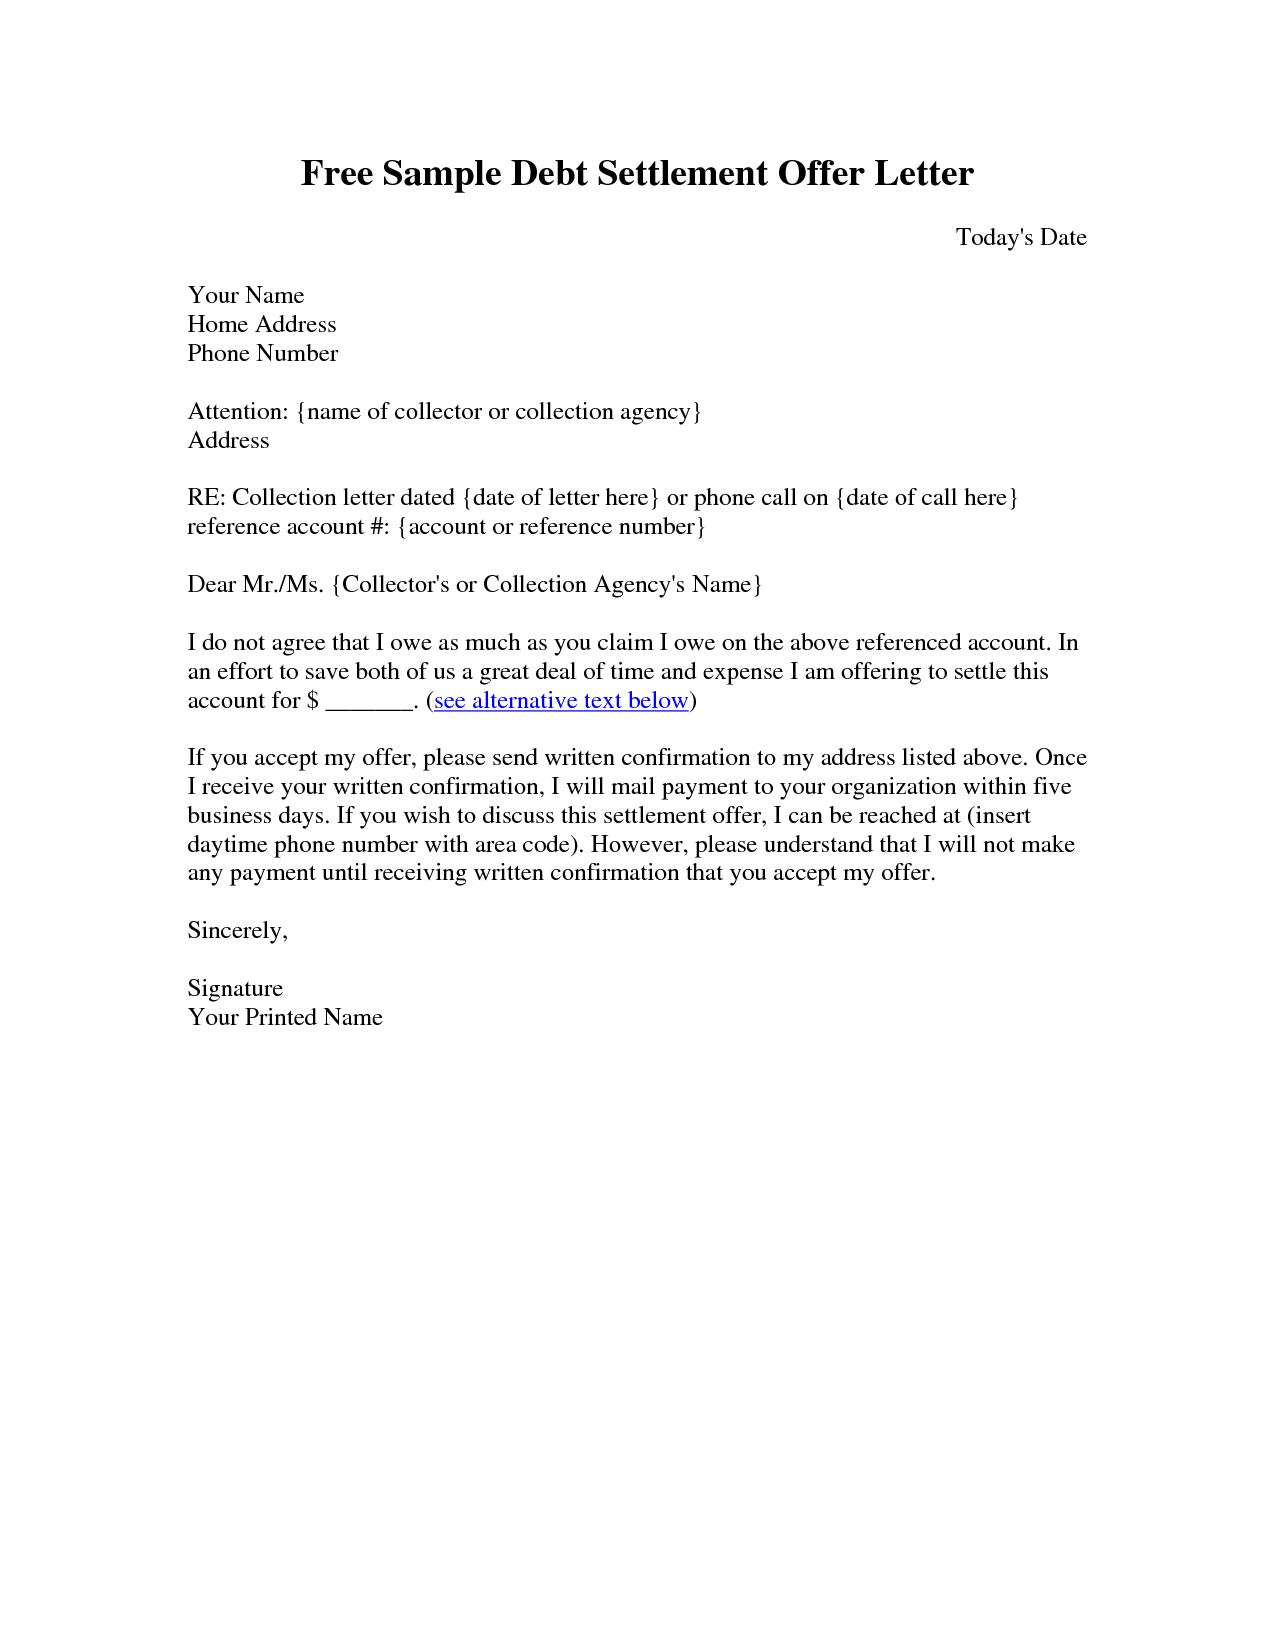 Legal Settlement Offer Letter Template - Sample Settlement Letter Debt Settlement Letter Sample